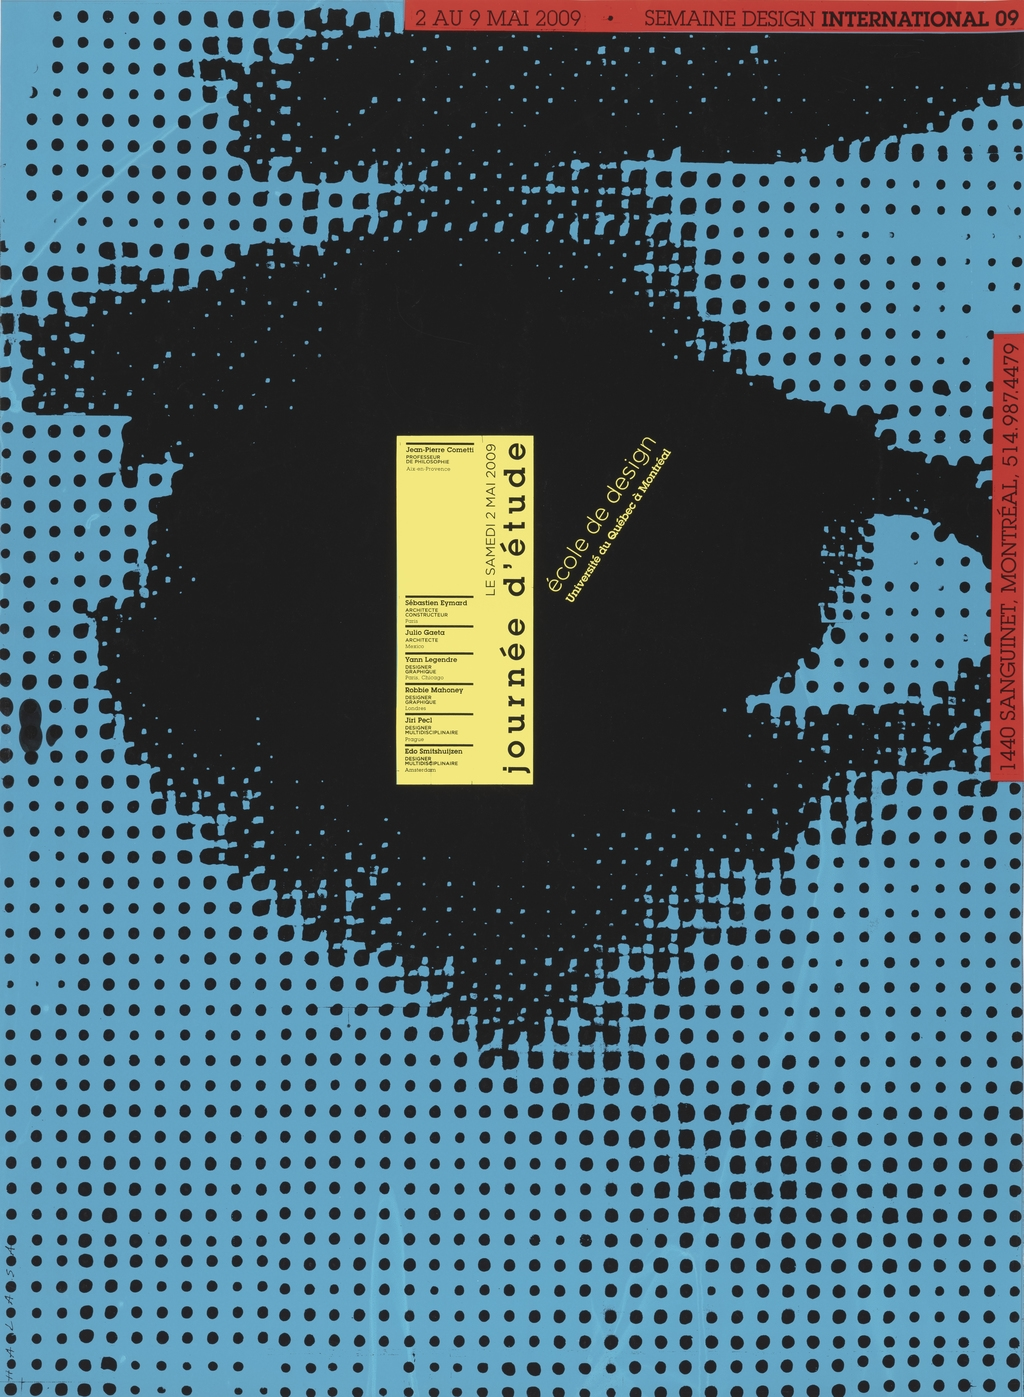 Journée d'étude 2009. École de design